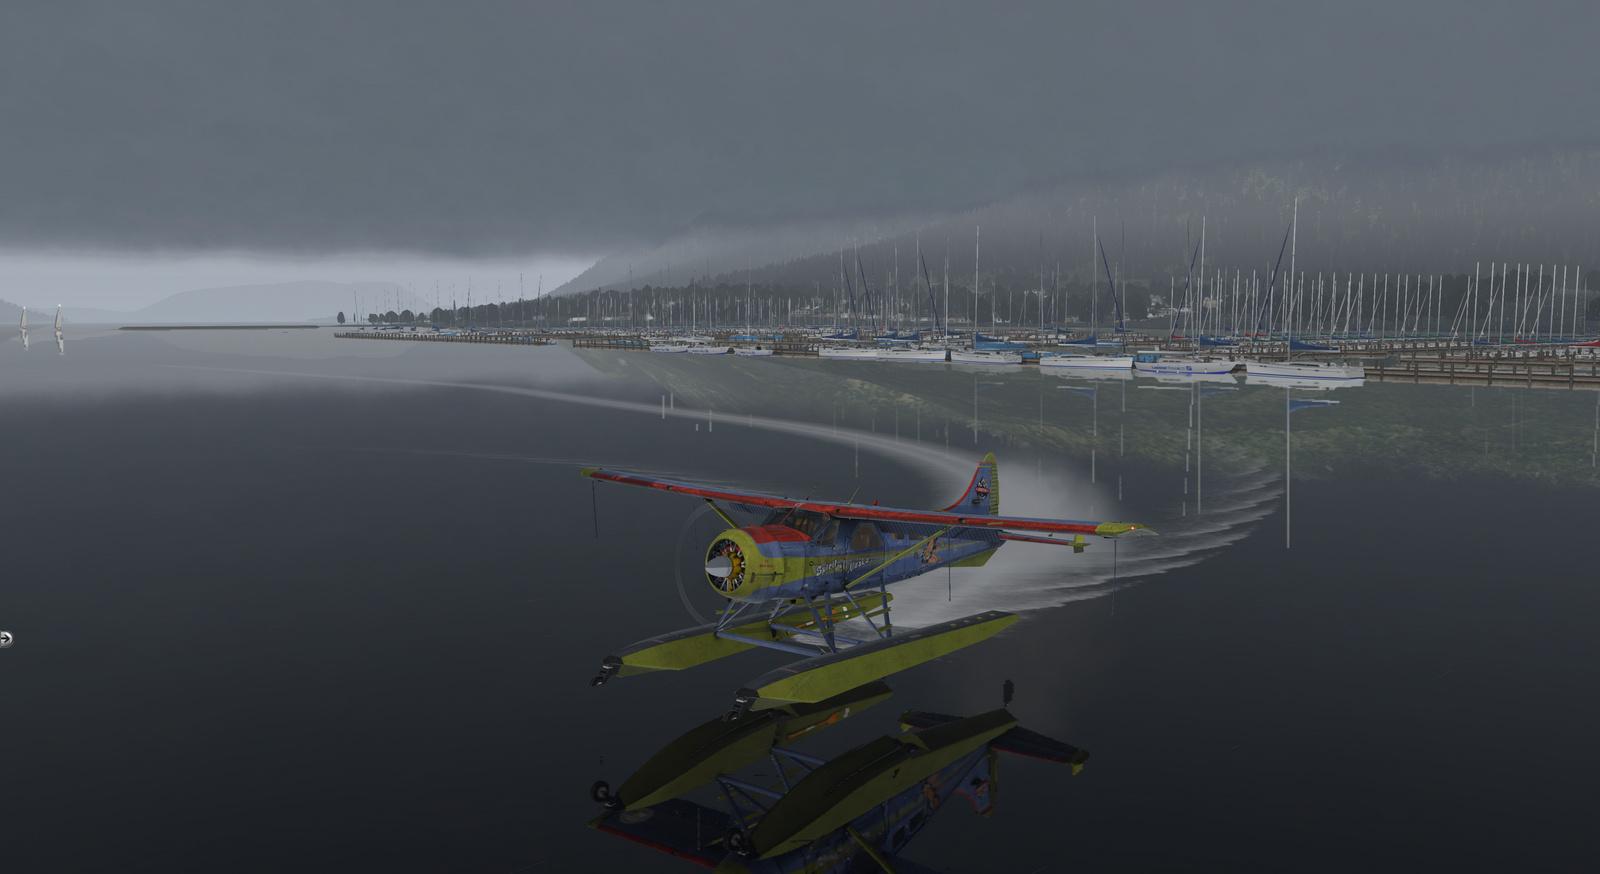 Spirit of Alaska repaint for Thranda DHC-2 Beaver for X-Plane 11, amphibian version, image 20/20